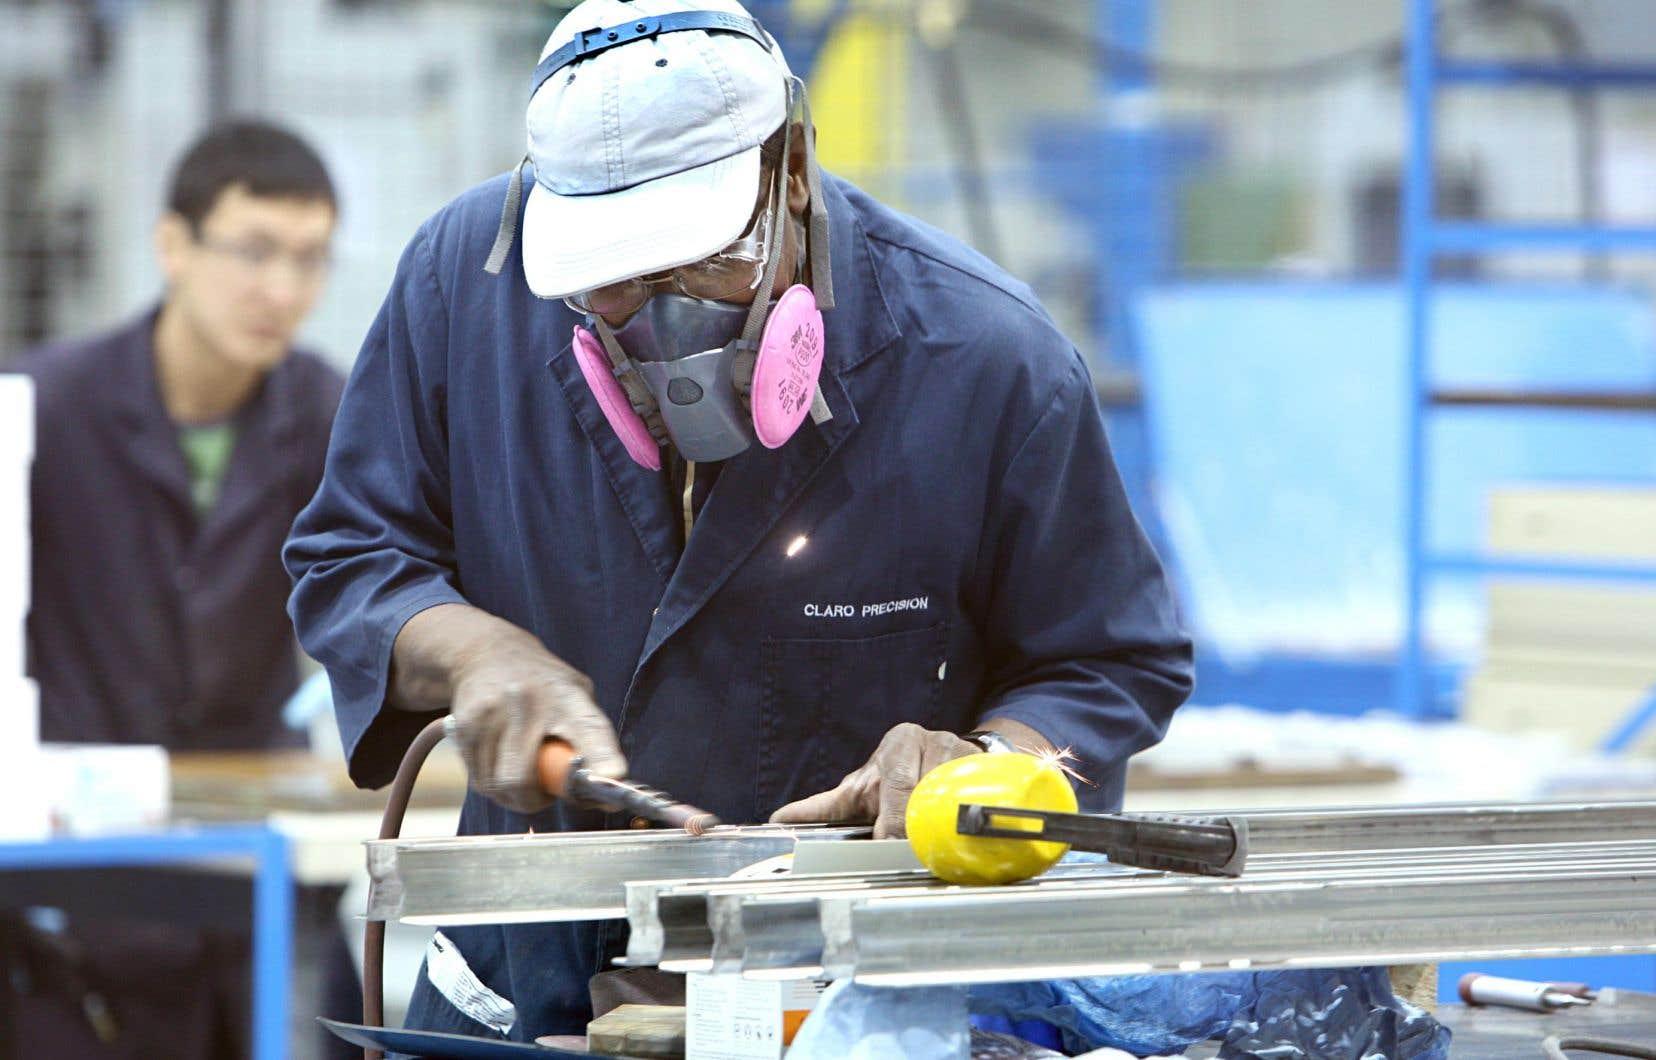 La présence de la population immigrante dans l'emploi total est passée de 11% en 2006 à 16% en 2017.